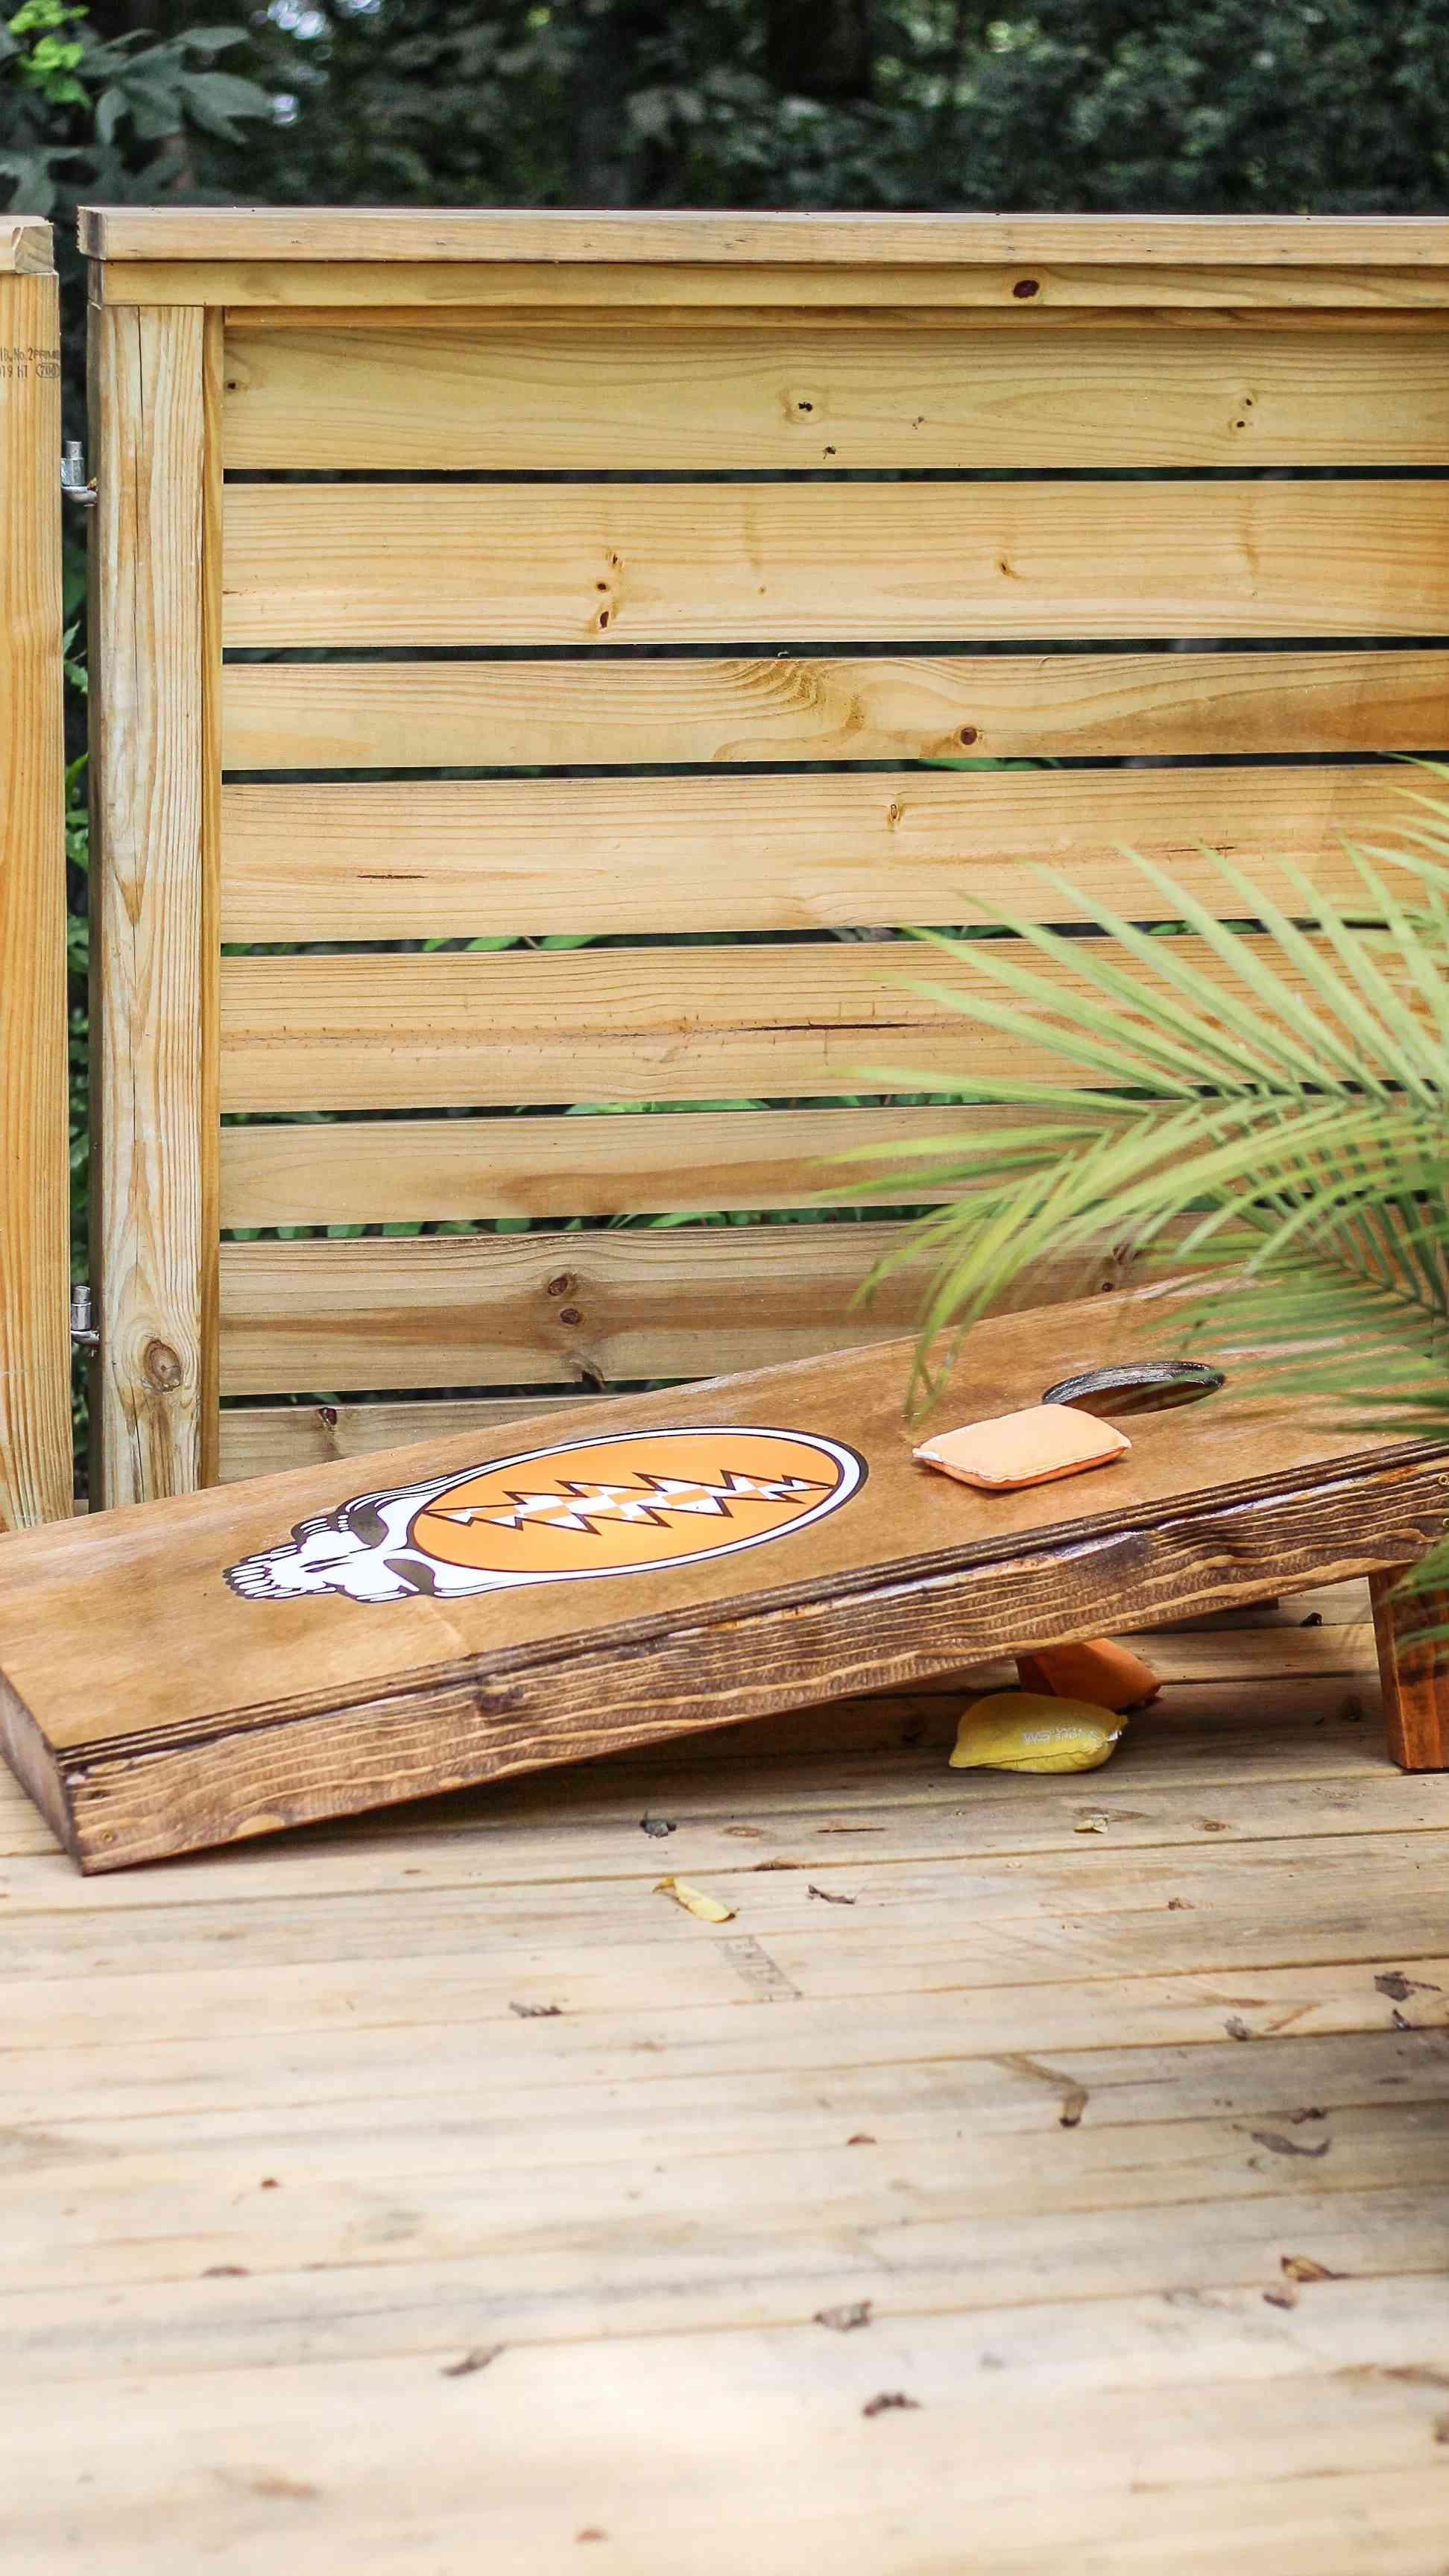 A wooden cornhole board on a deck